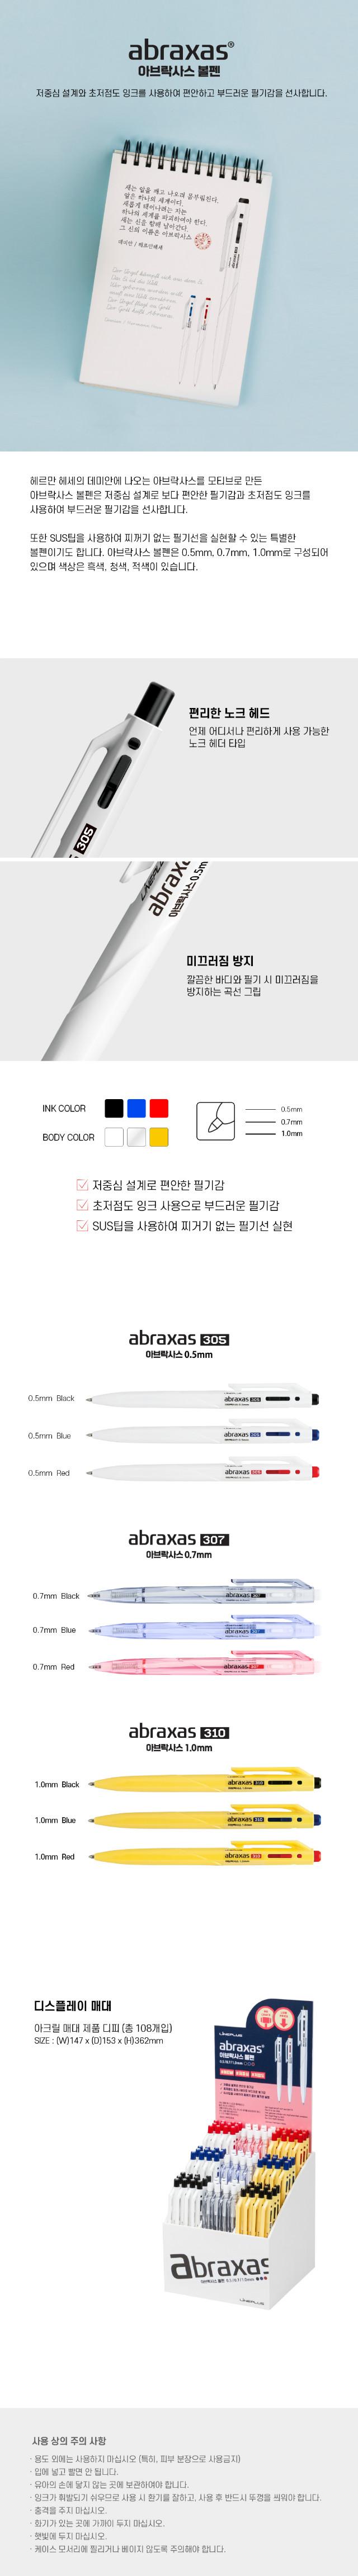 abraxas_list.jpg